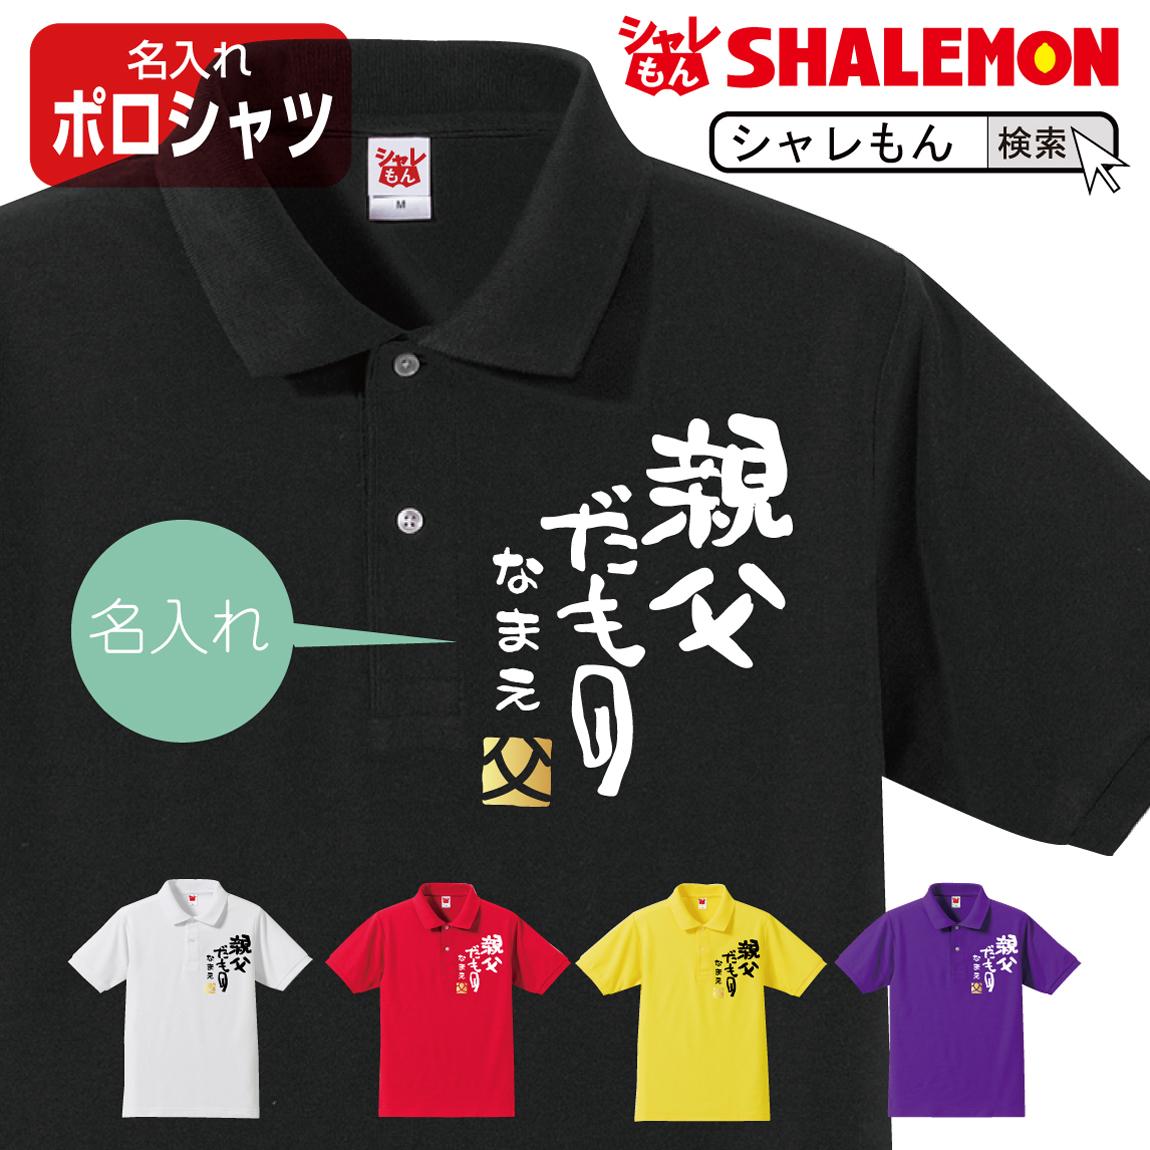 父の日 名入れ プレゼント ギフト【 親父だもの 選べる5色 ポロシャツ 】 男性 父 お父さん シャレもん